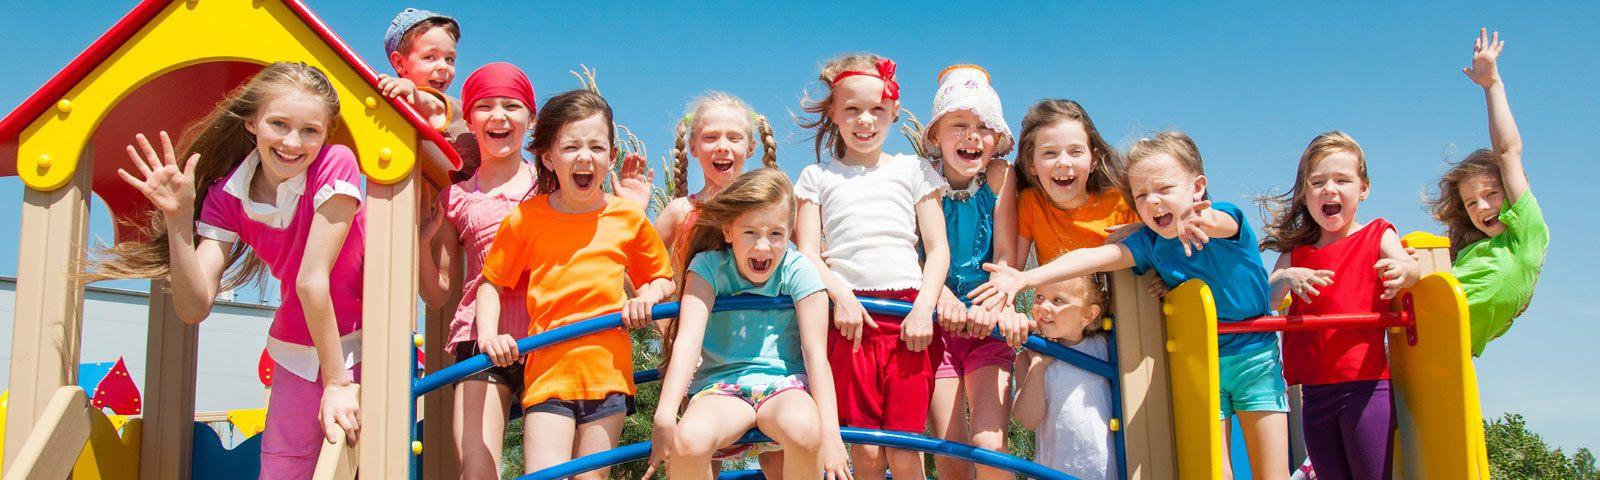 Jak kreatywnie spędzić Dzień Dziecka?